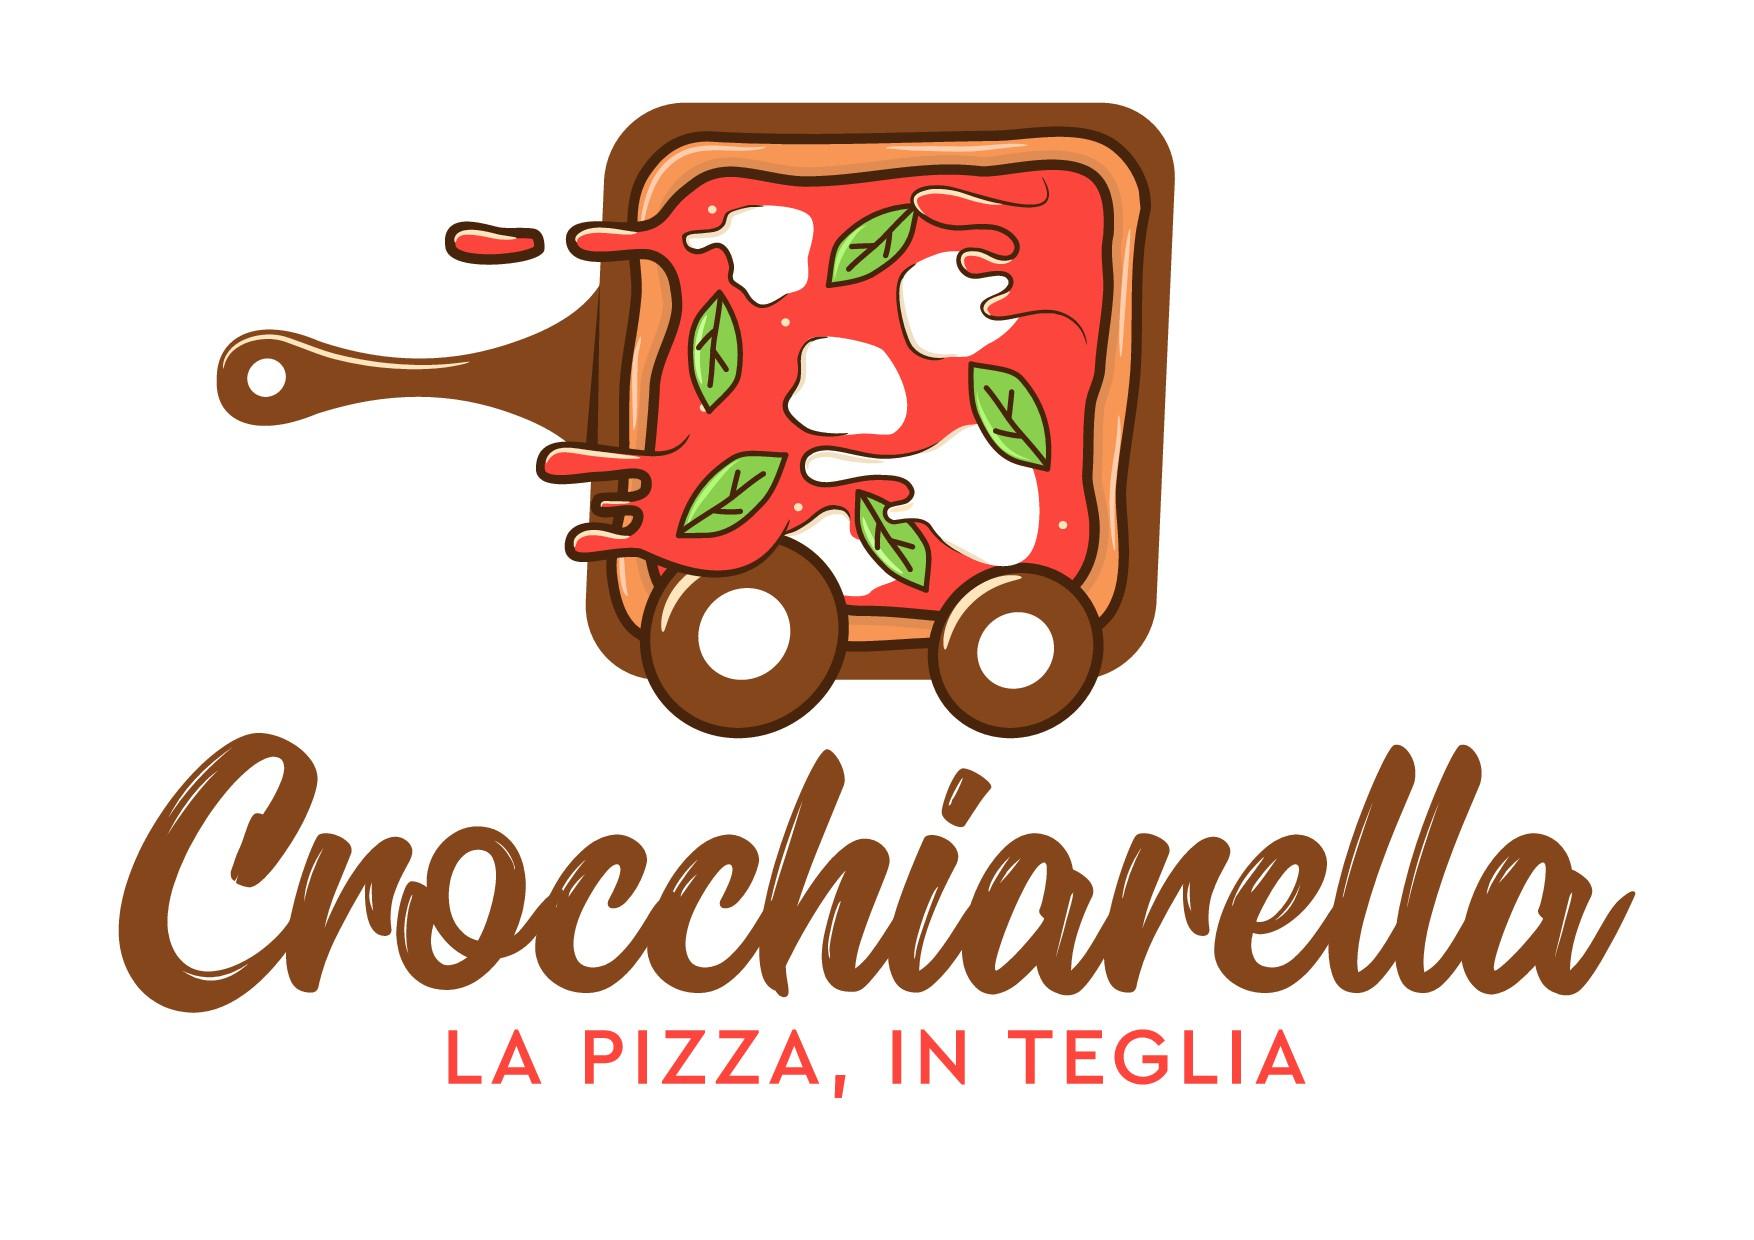 Crea un logo ed una brand identity per una pizzeria al taglio